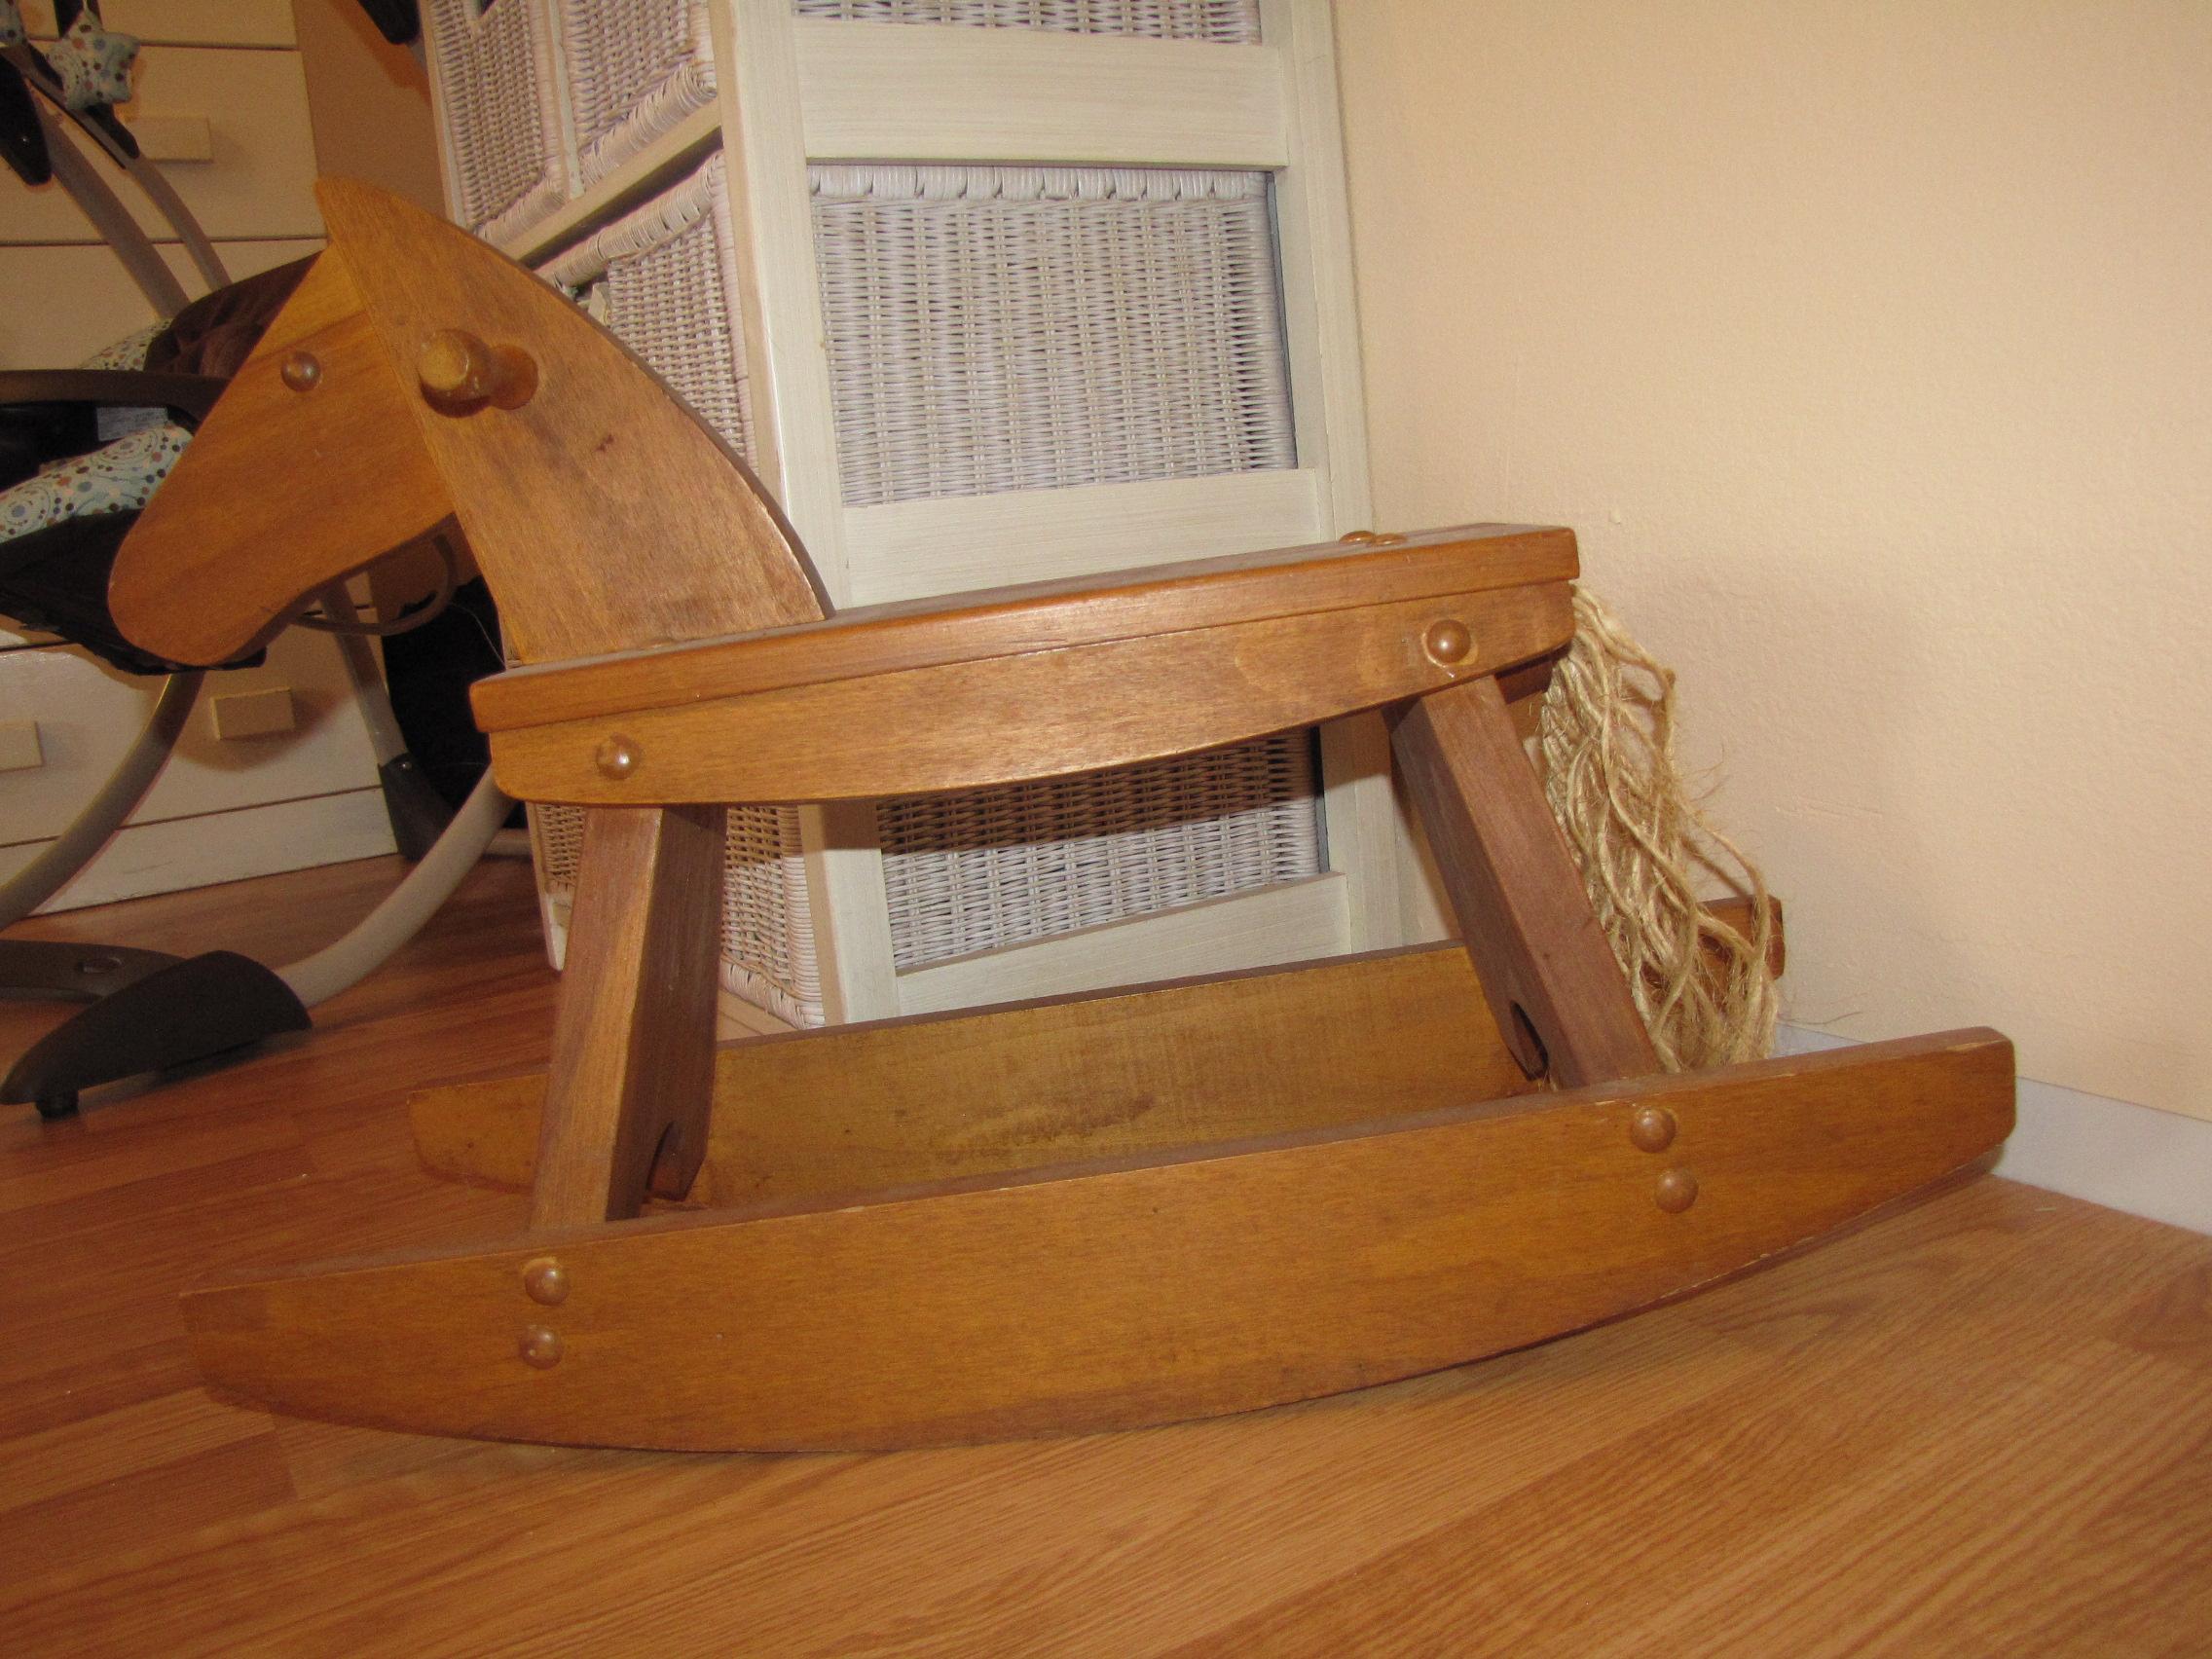 DIY High Chair Rocking Horse Desk Plans Wooden PDF garage storage